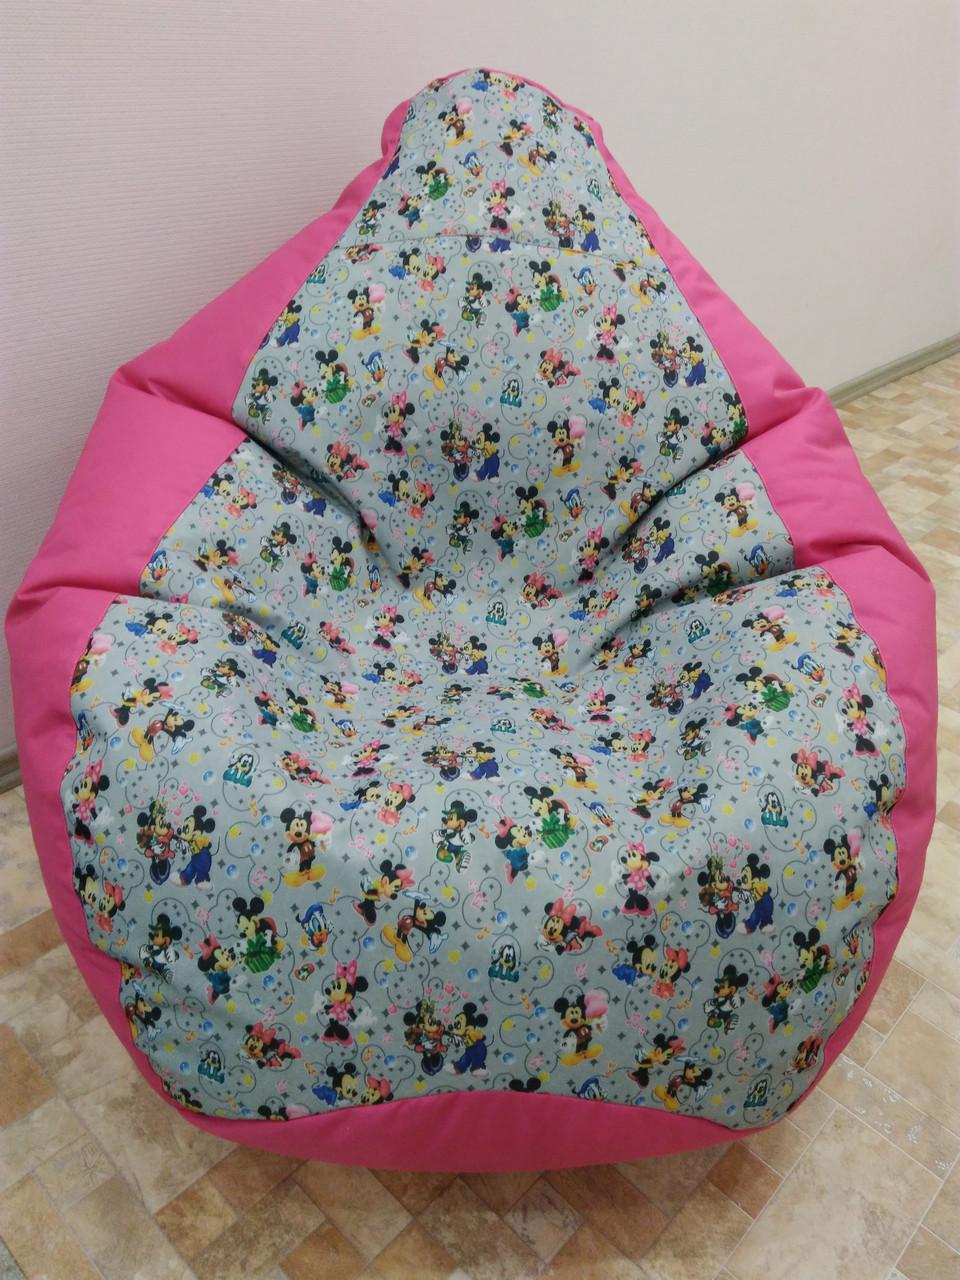 Кресло мешок Melody, бескаркасное кресло, кресло пуф, кресло груша